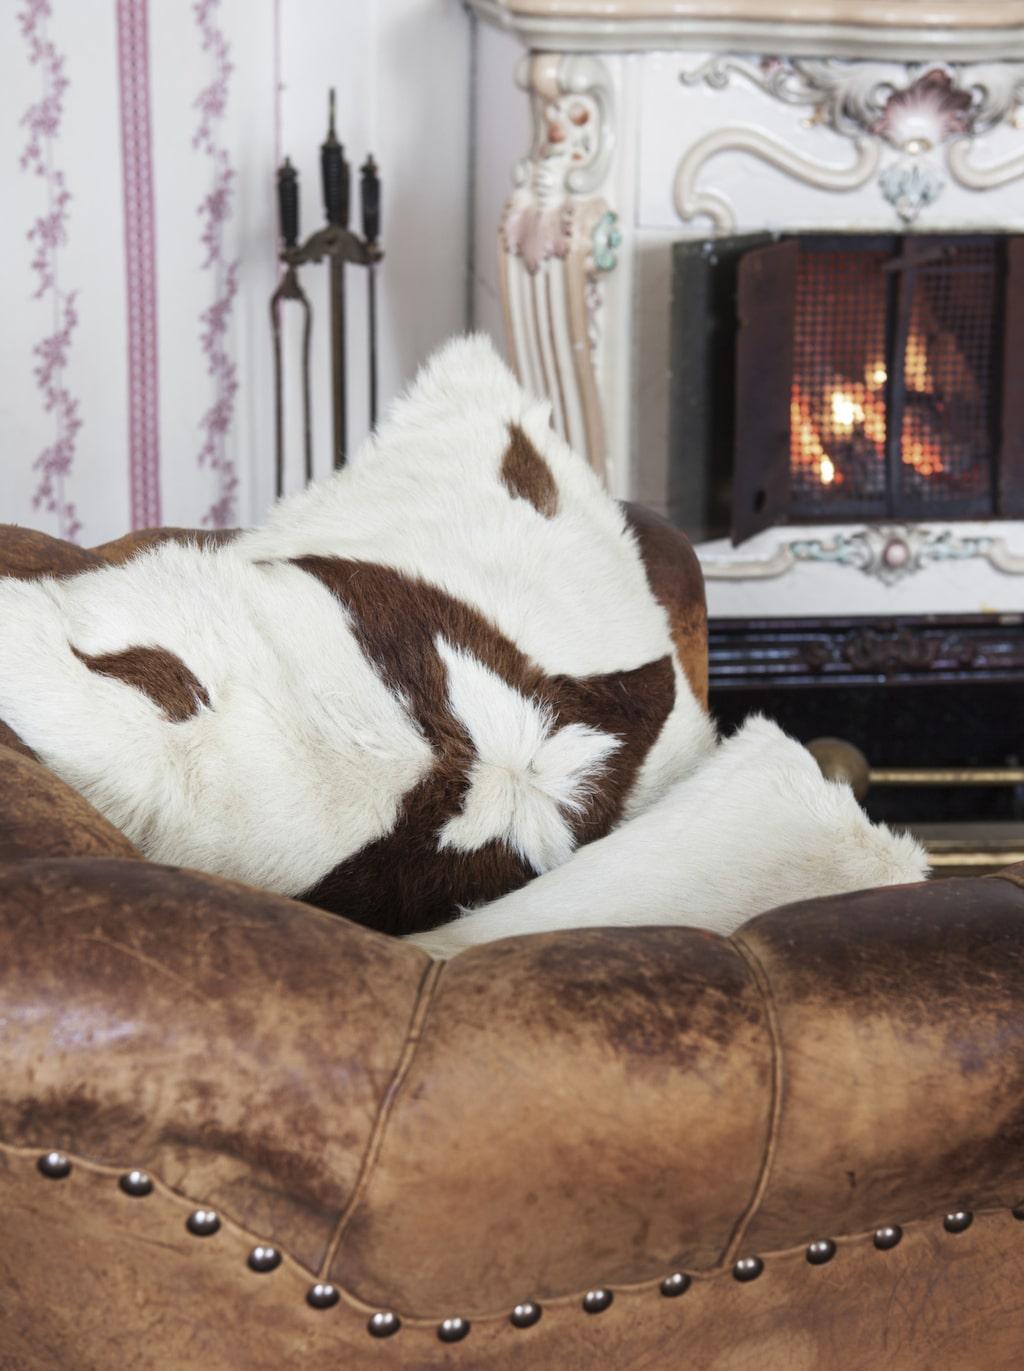 Läshörna. Ulla-Britt sitter gärna i de sköna läderfåtöljerna i salongen och läser en bok framför elden i kakelugnen.